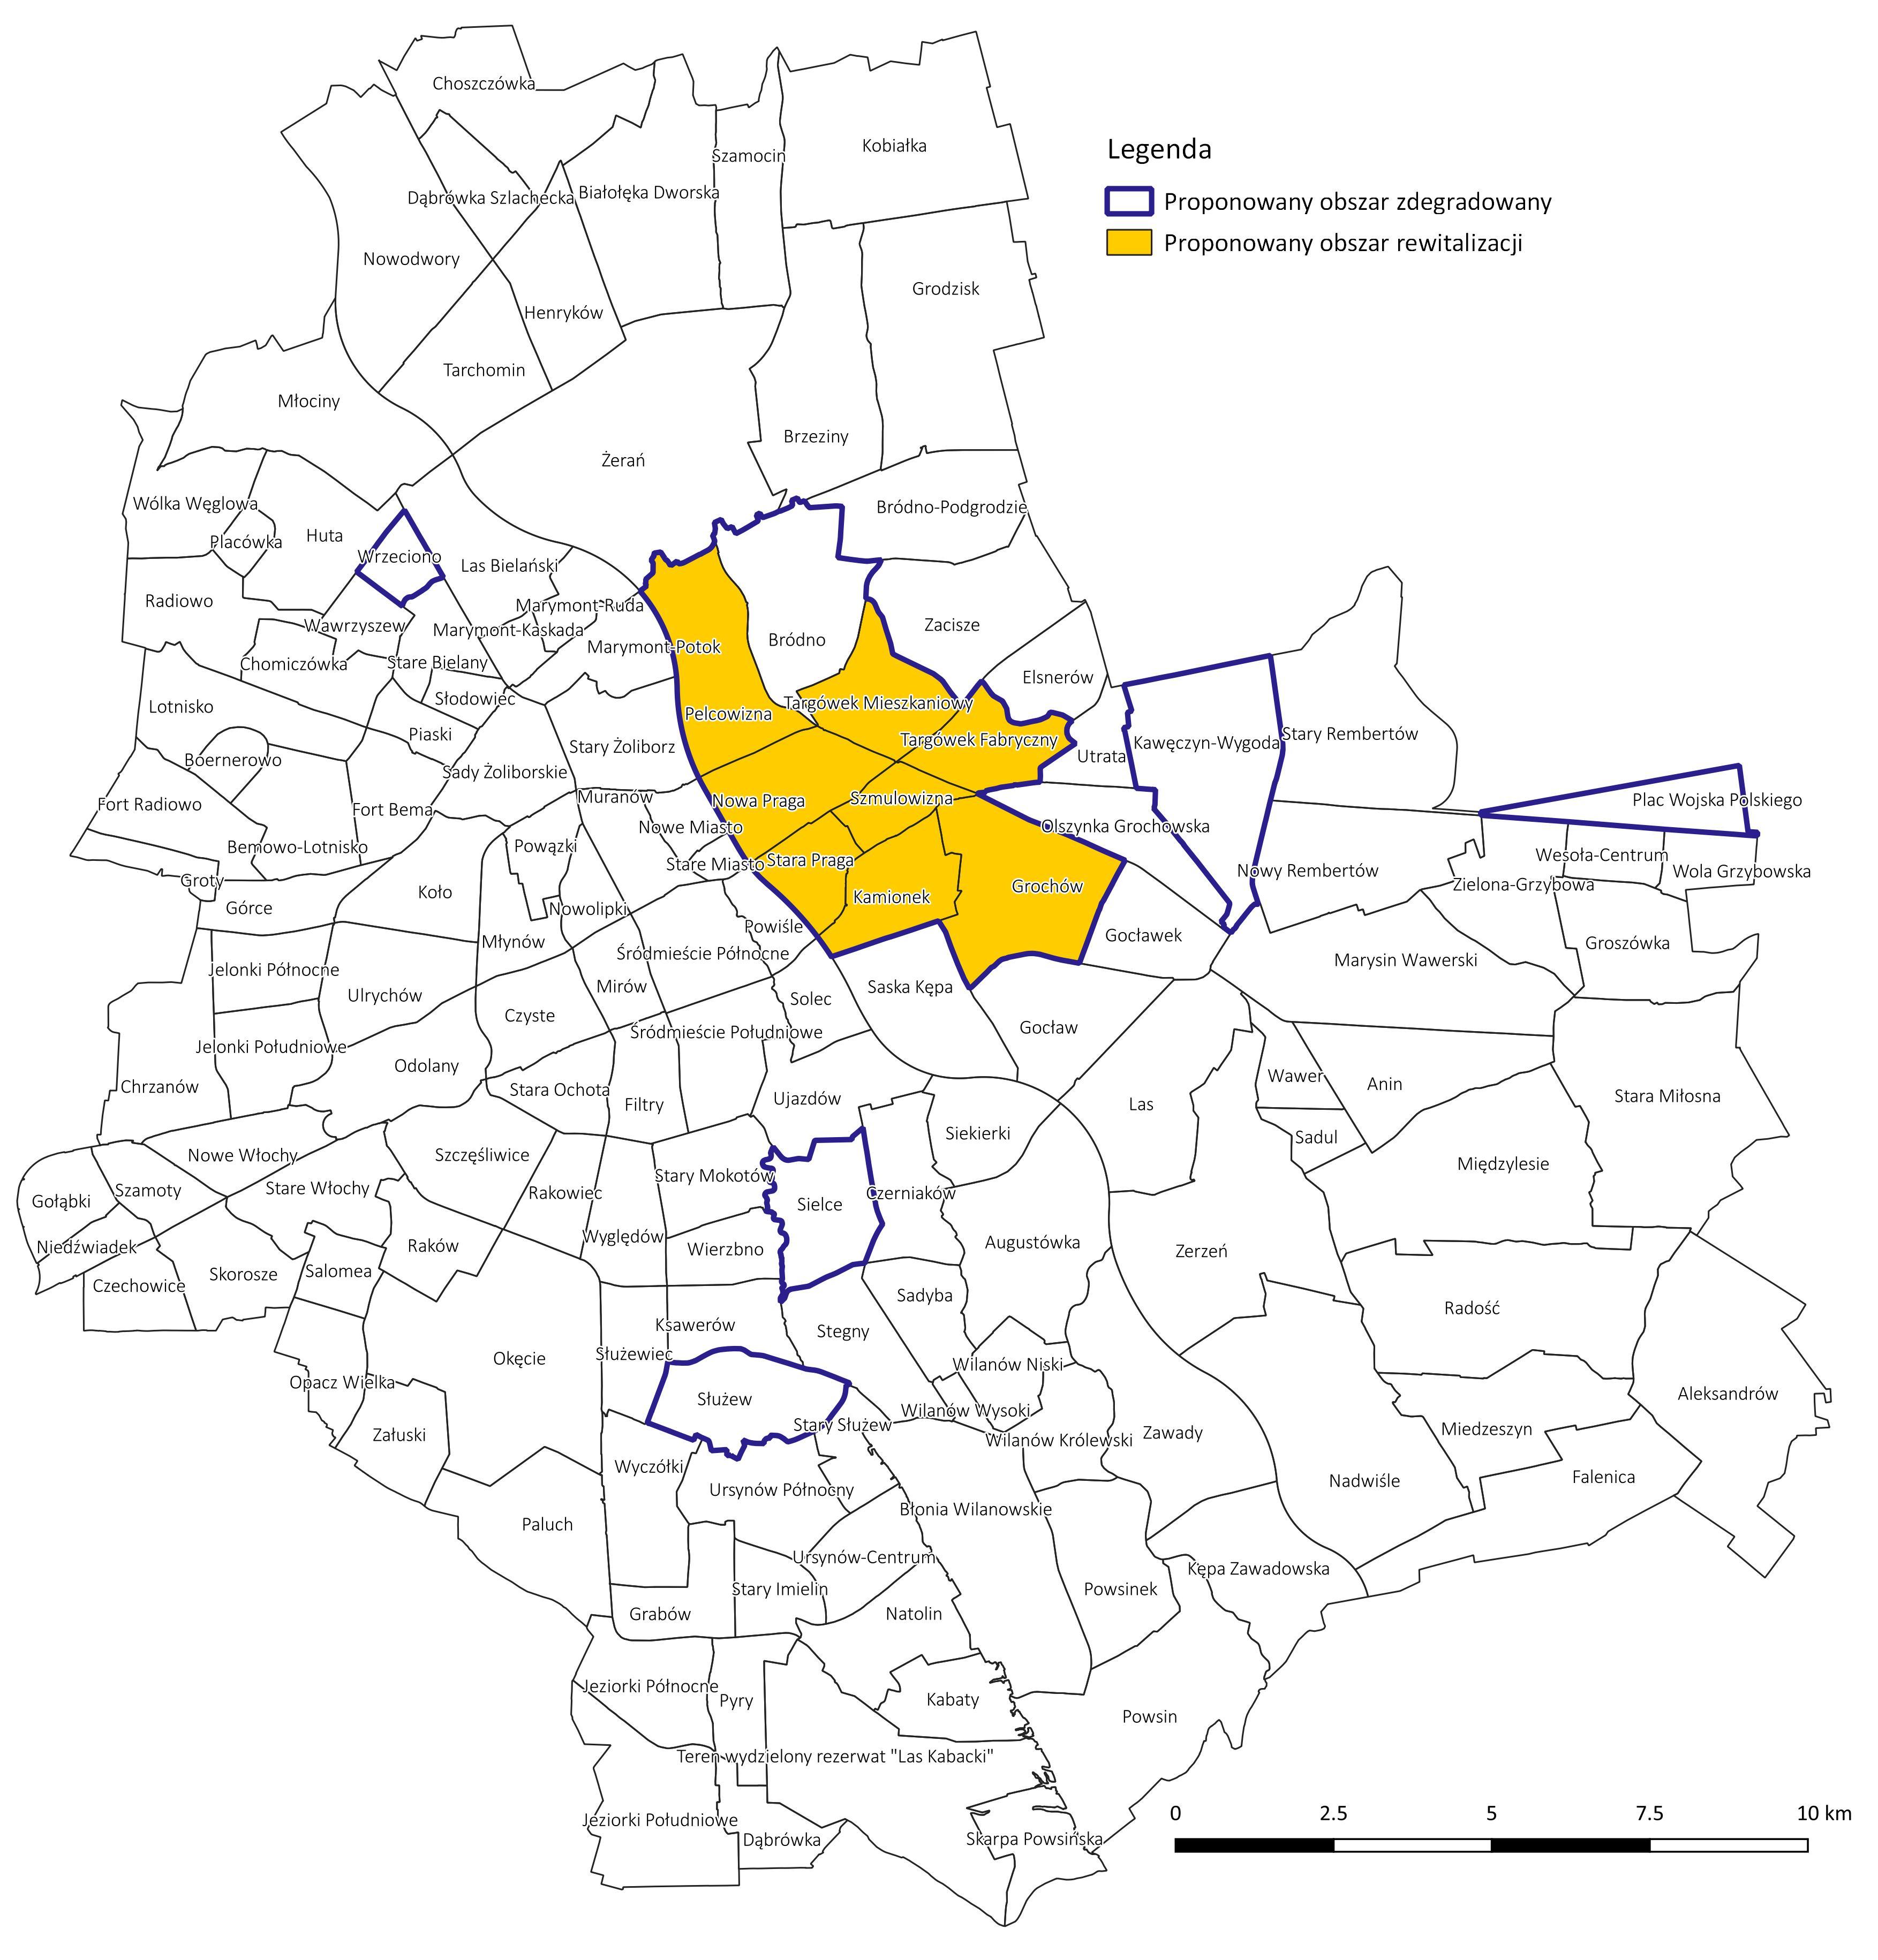 Warszawa obszary oba zdegradowany rewitalizacji